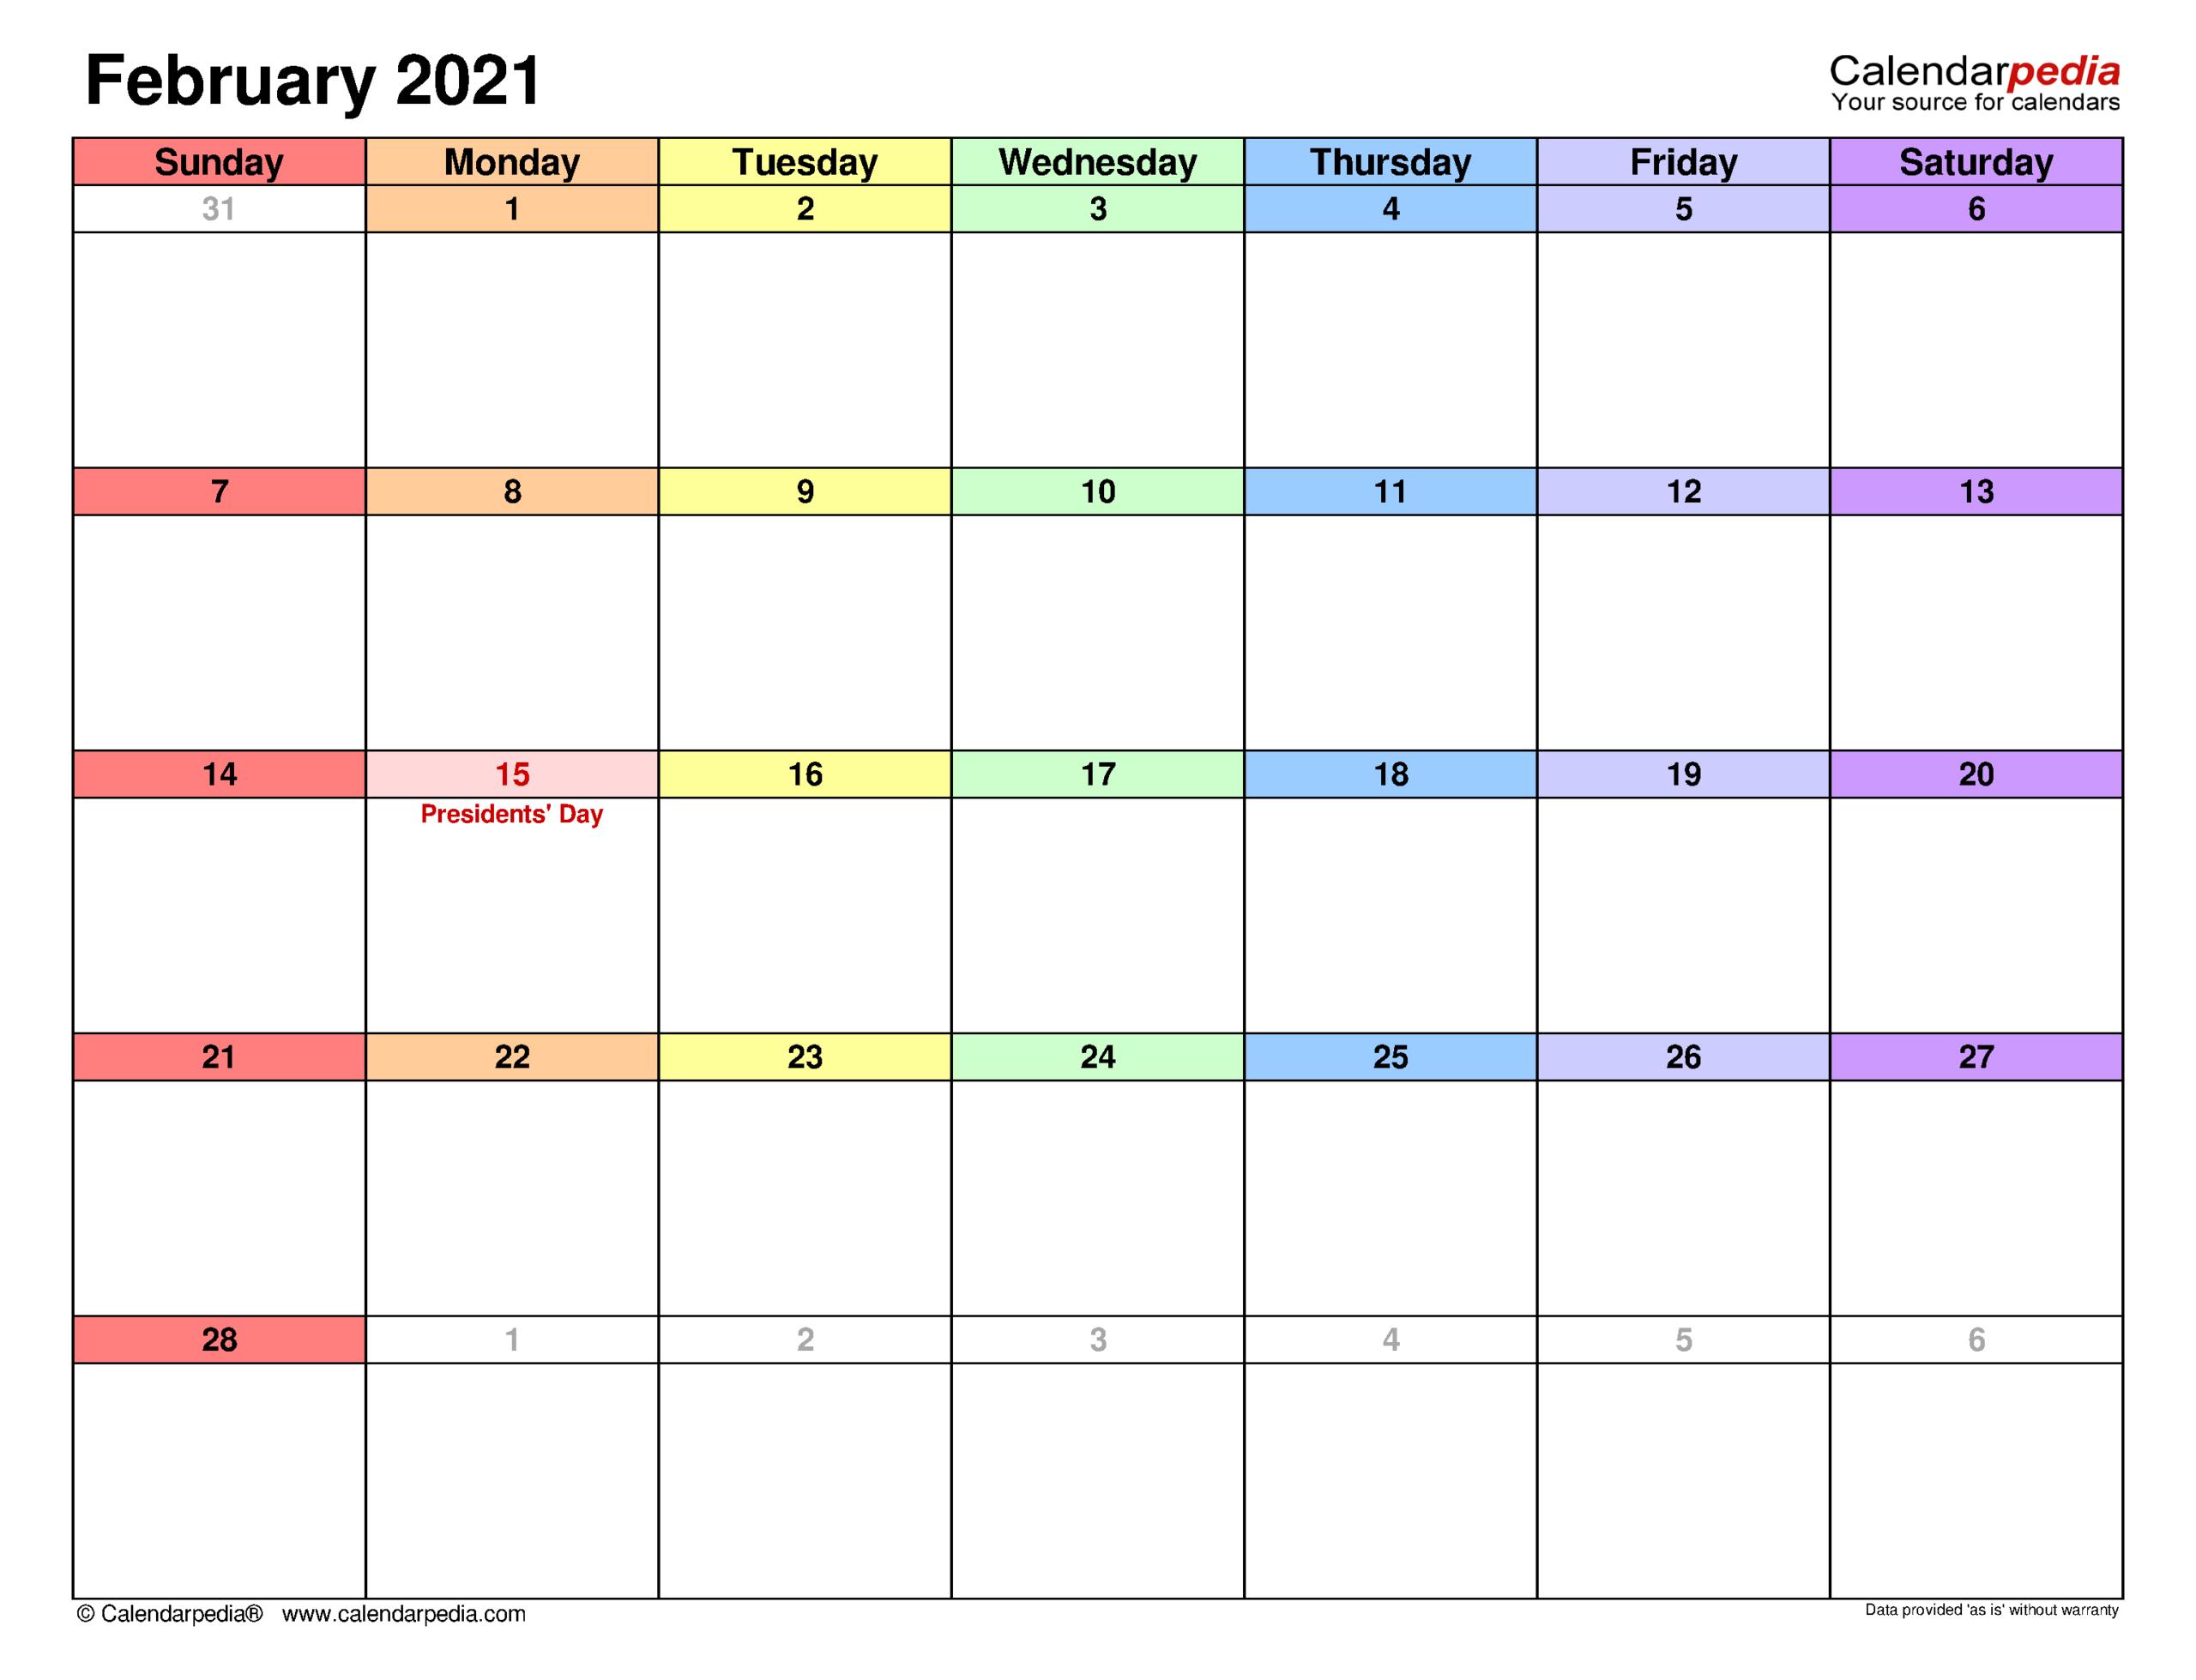 February 2021 Calendar   Templates For Word, Excel And Pdf  February 2021 Calendar